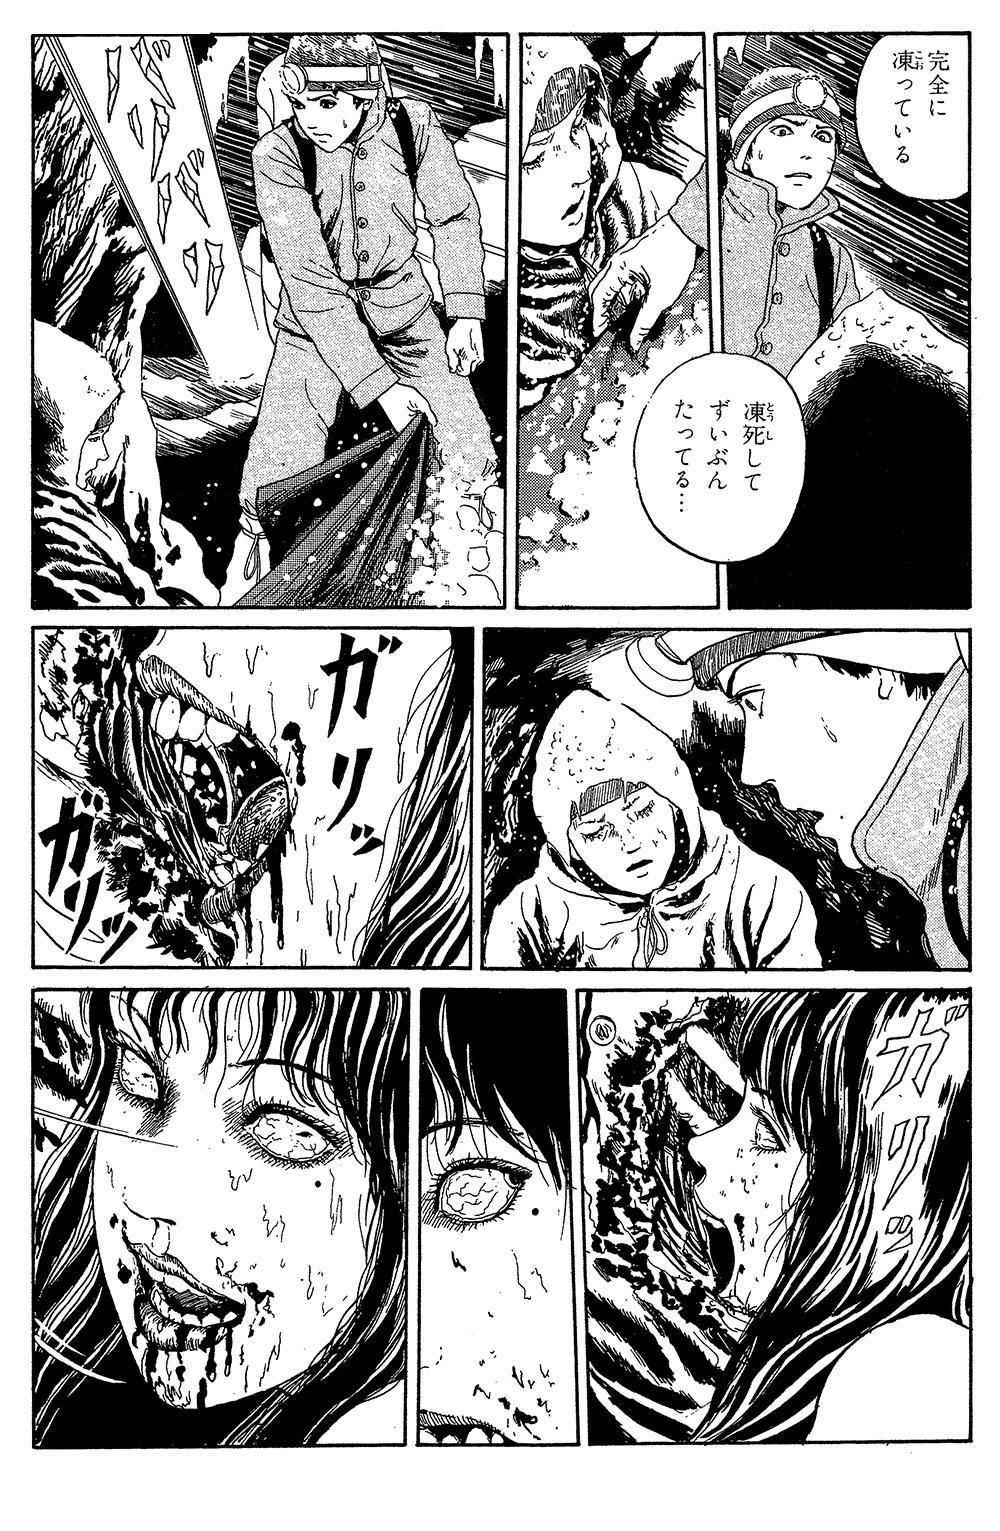 伊藤潤二傑作集 第7話「富江・復讐」2itouj24-0307.jpg